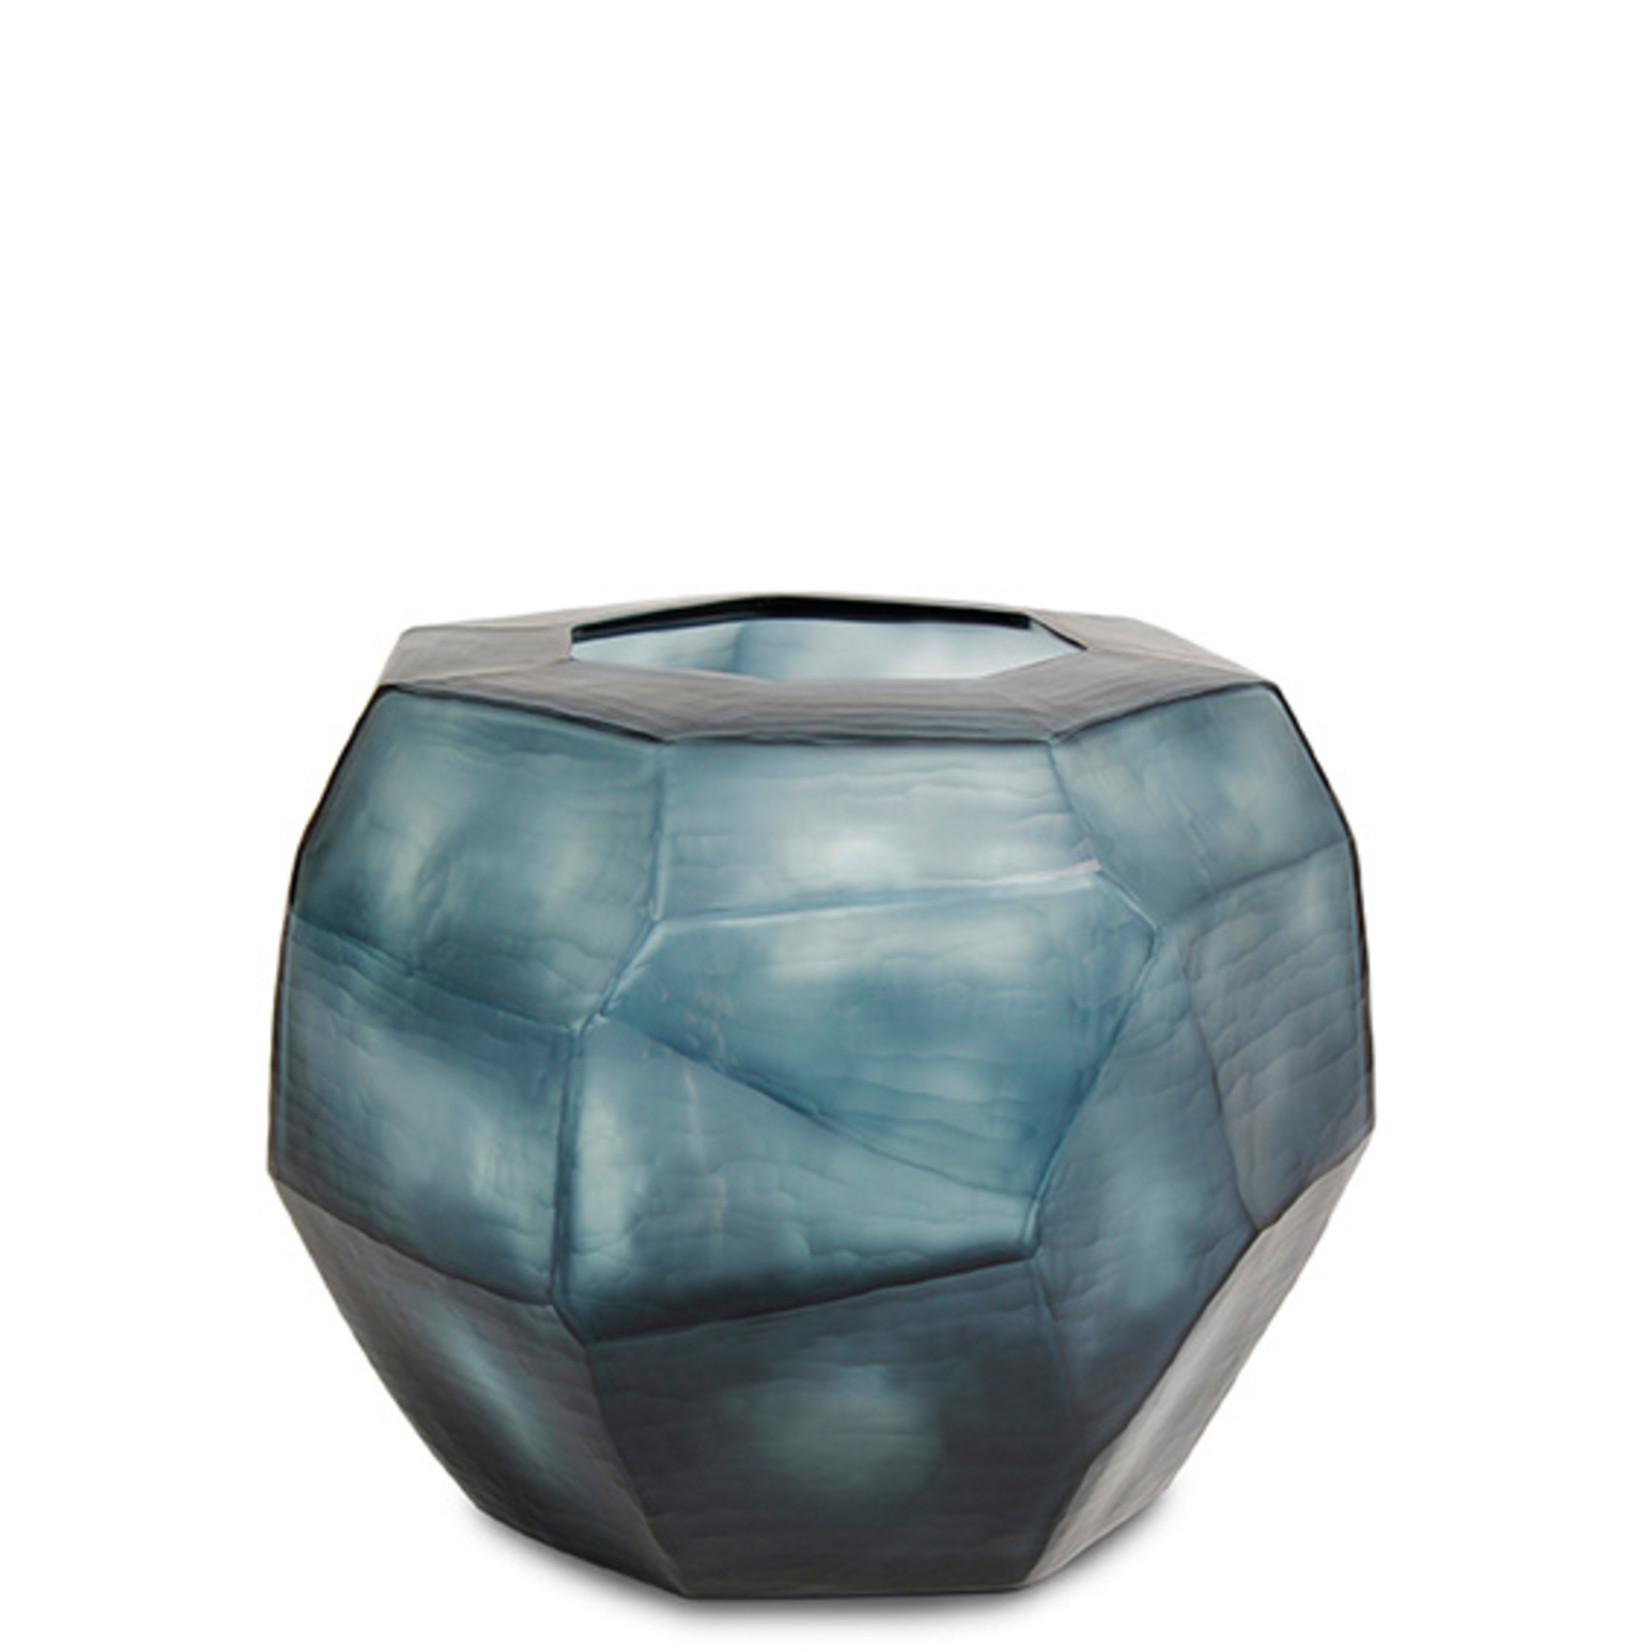 Guaxs Vaas Cubistic Round | Ocean Blue / Indigo